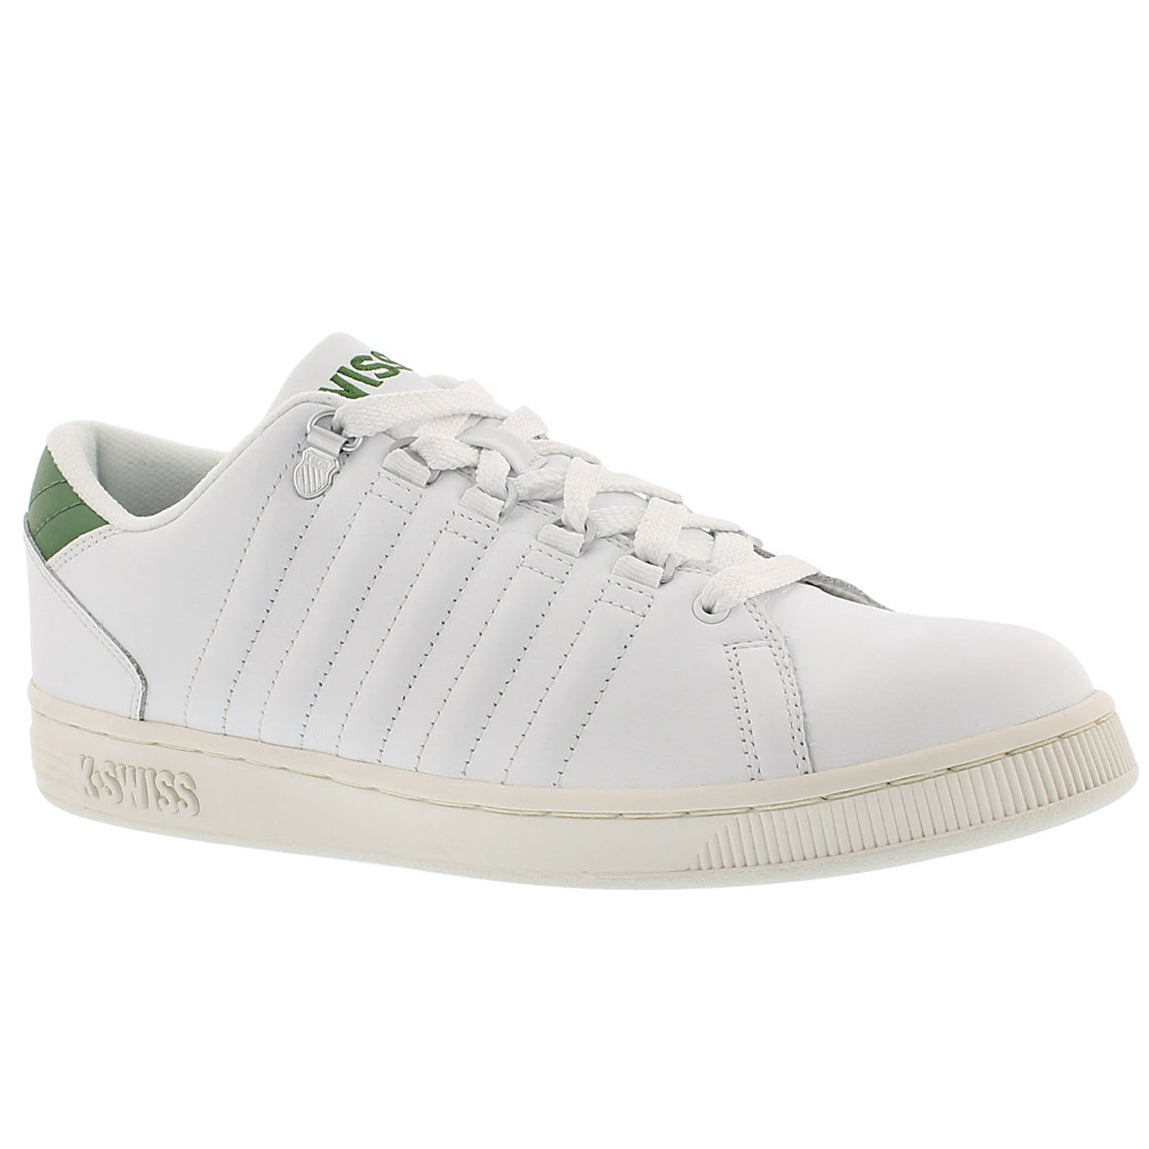 Mns Lozan white/green lace up sneaker